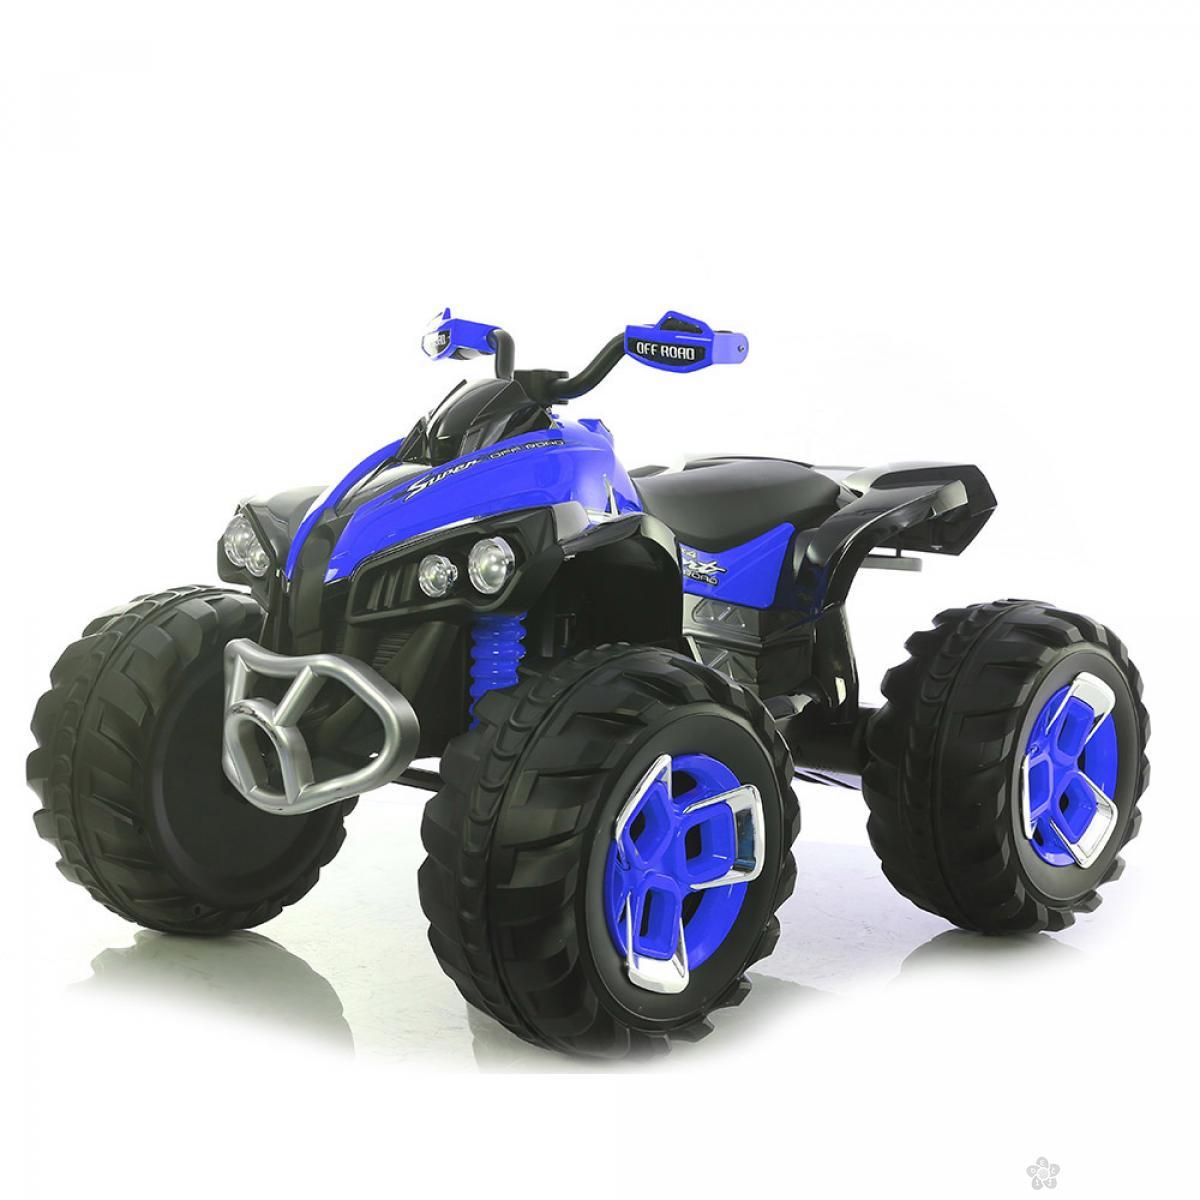 Bagi (quad) model 119 plava